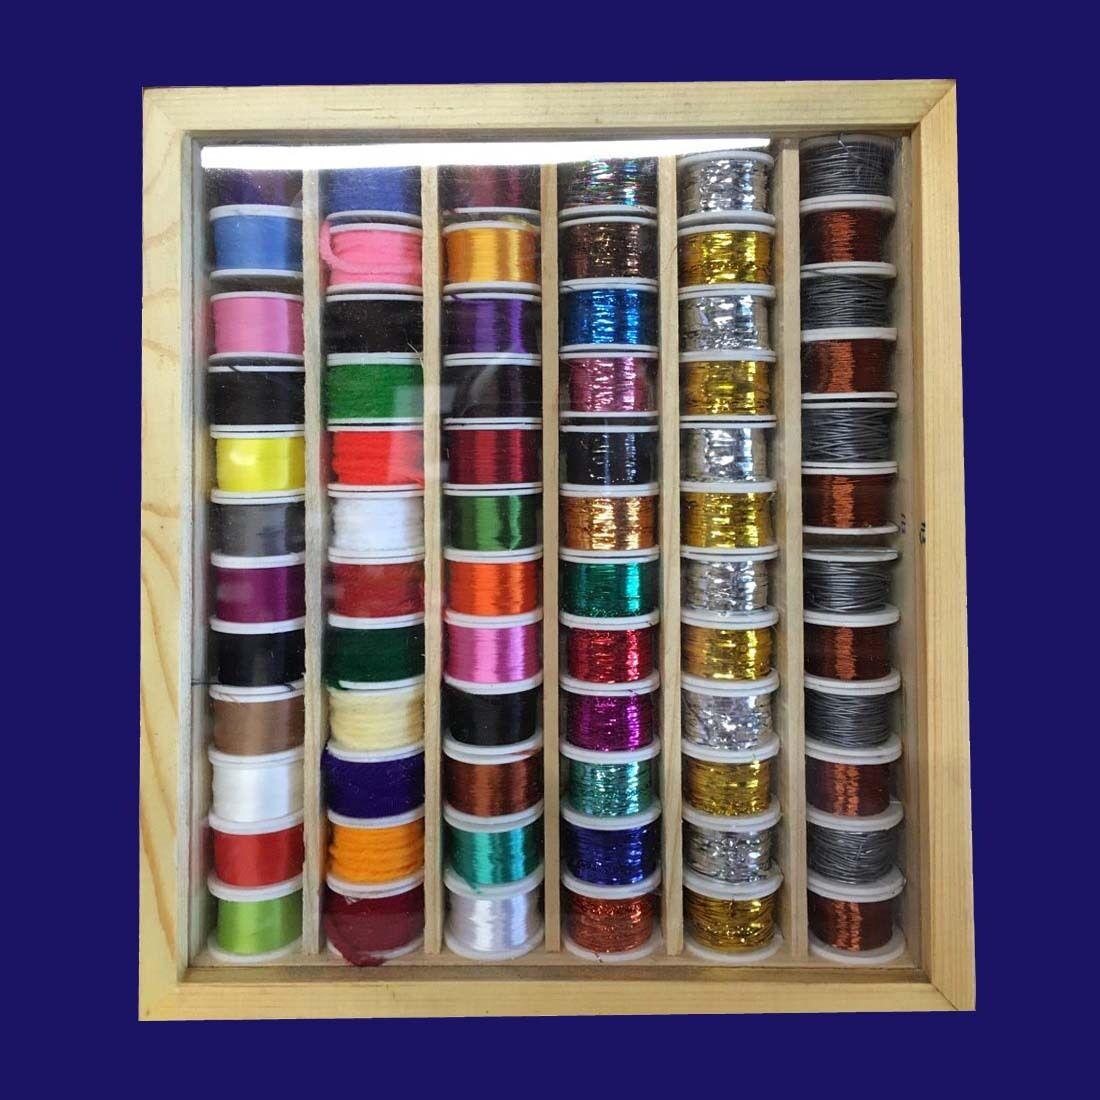 72 Spule Von Gewinde Zahnseide Tinsel Wolle in in Holzkiste Fliegenbinden